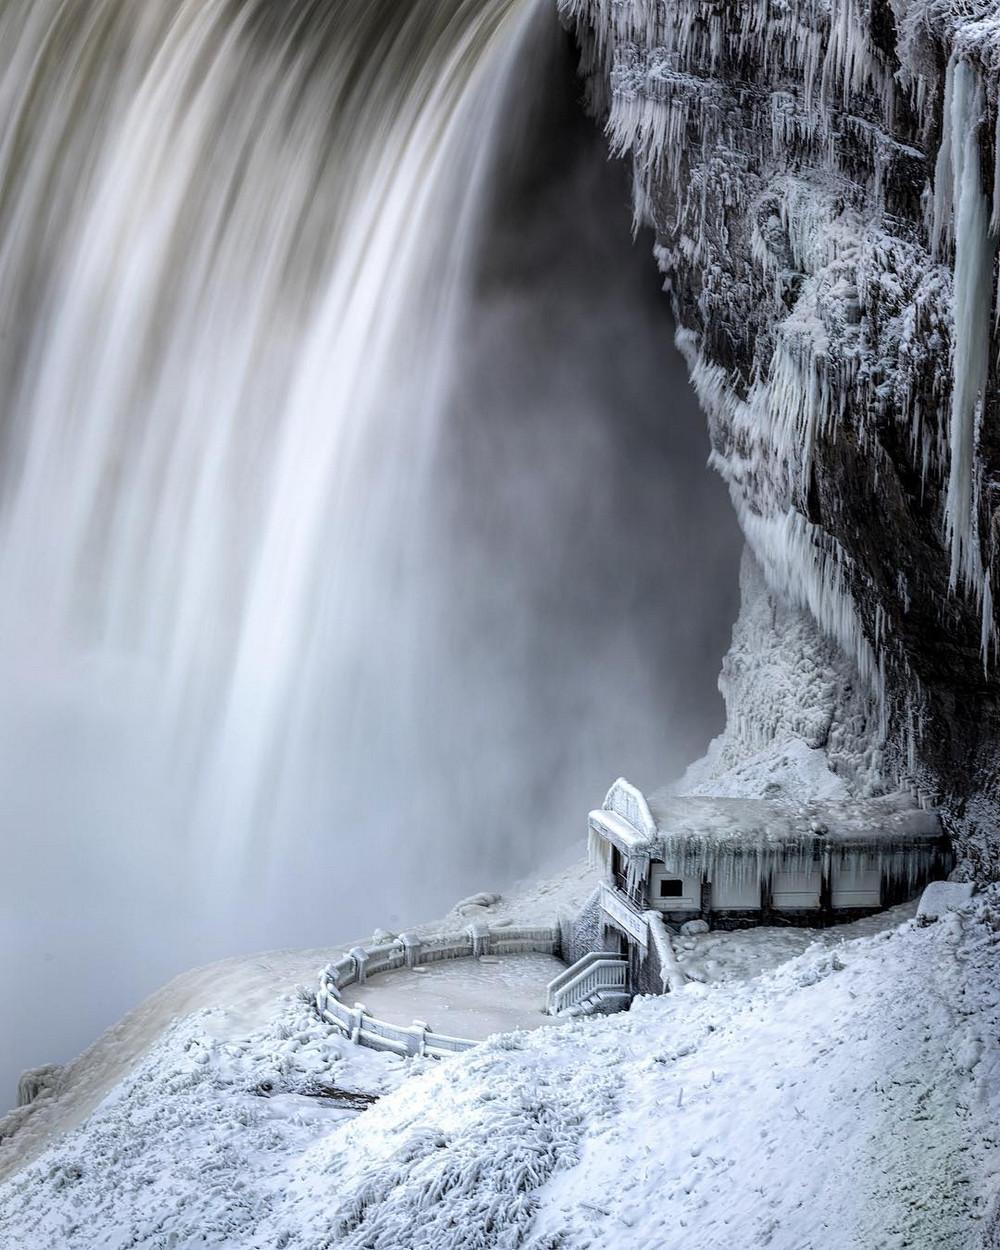 zamerzshiy Niagarskiy vodopad 7